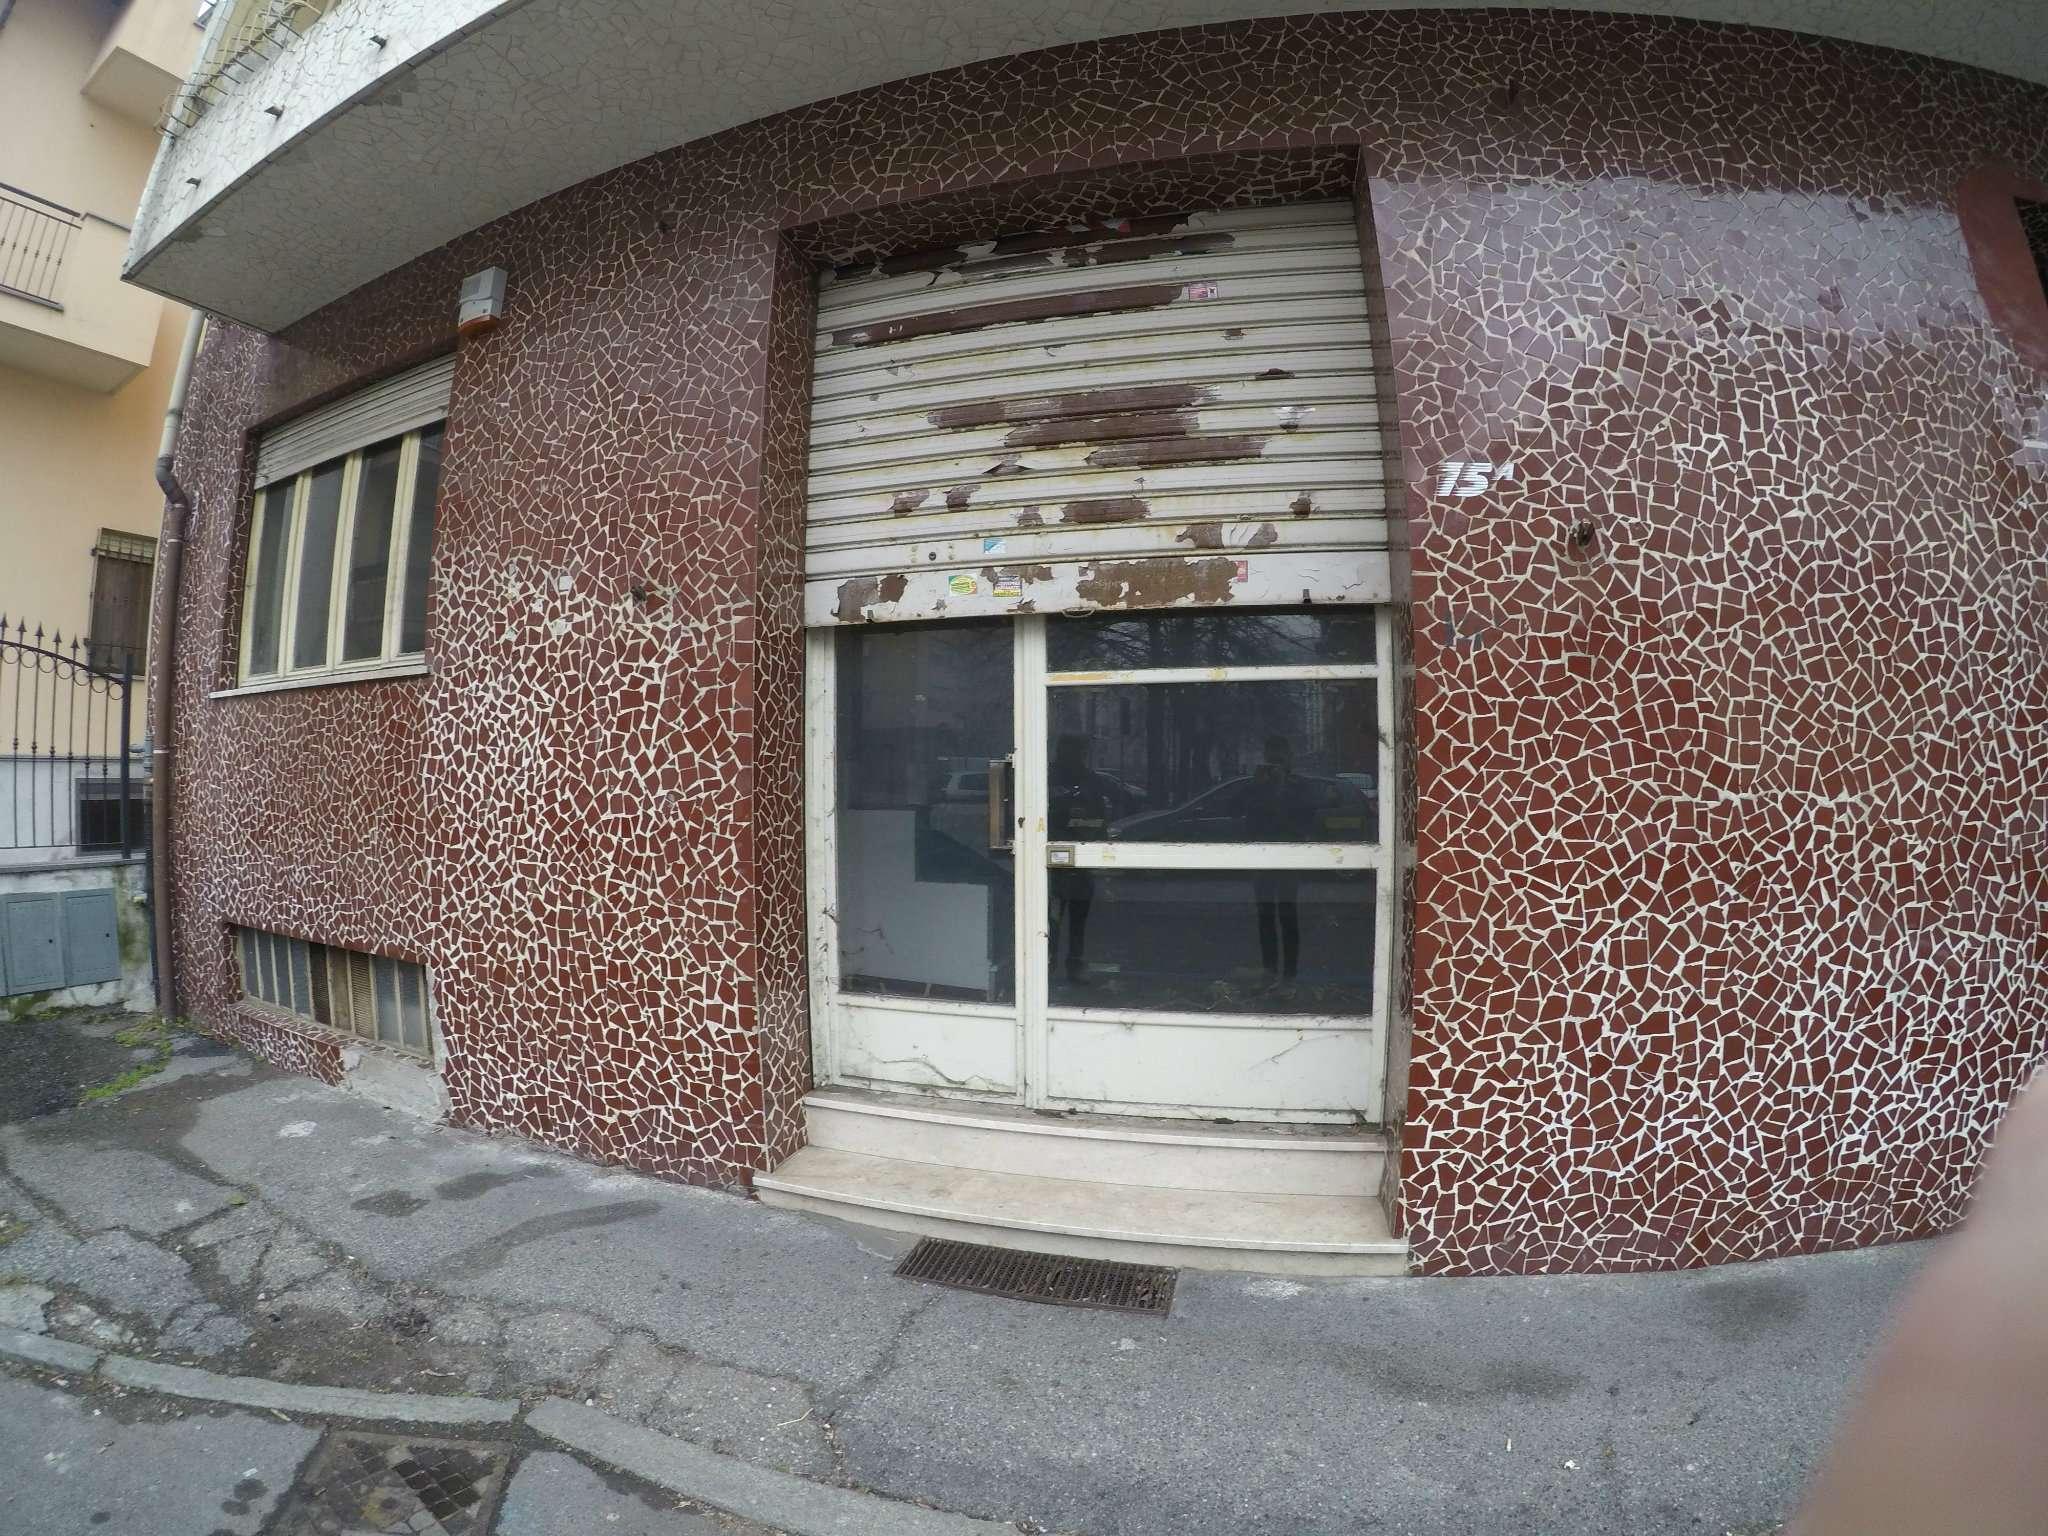 Negozio / Locale in vendita a Settimo Torinese, 9999 locali, prezzo € 35.000 | CambioCasa.it